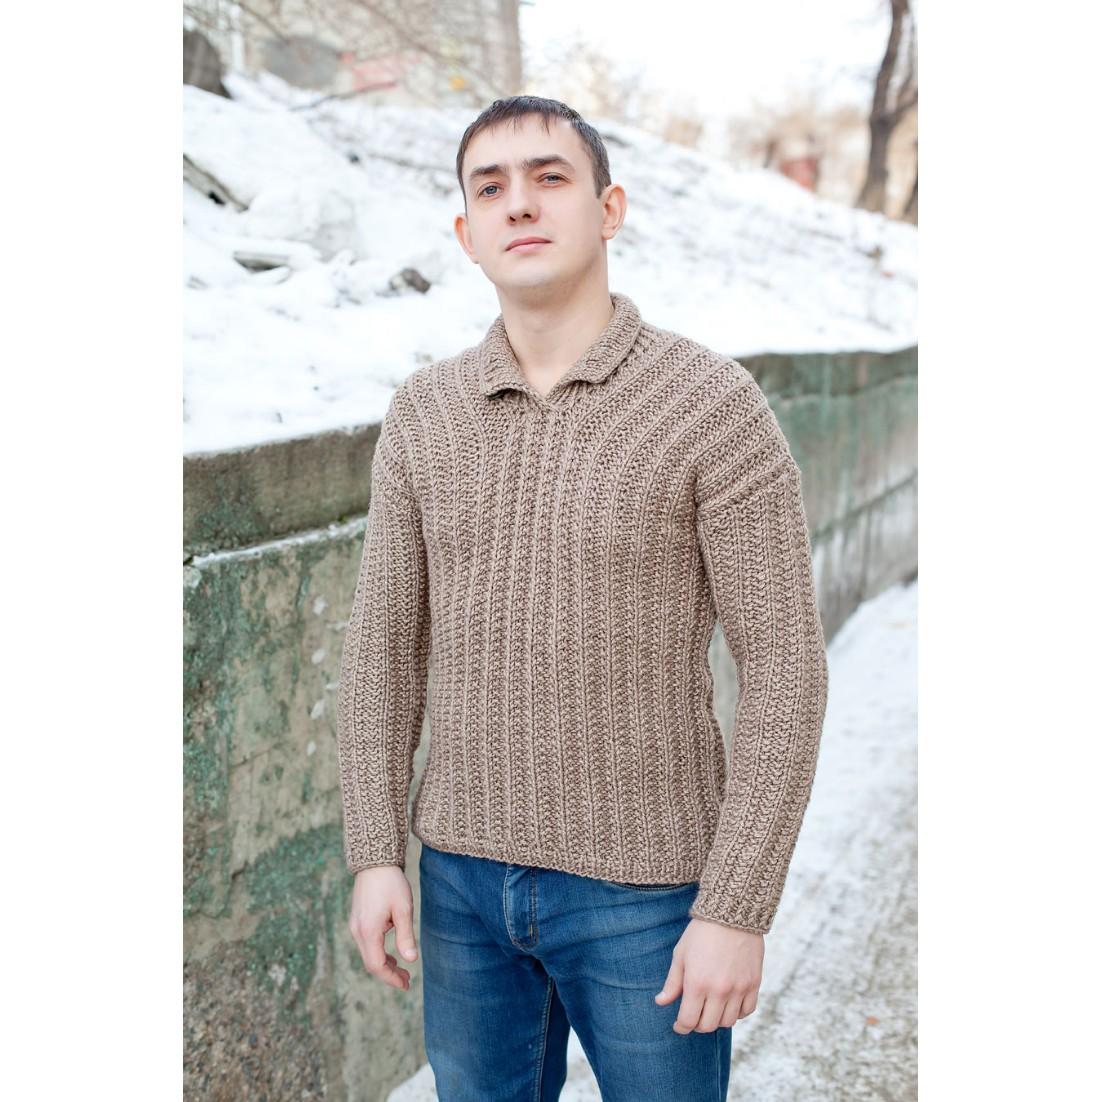 купить свитер как у бодрова в фильме брат